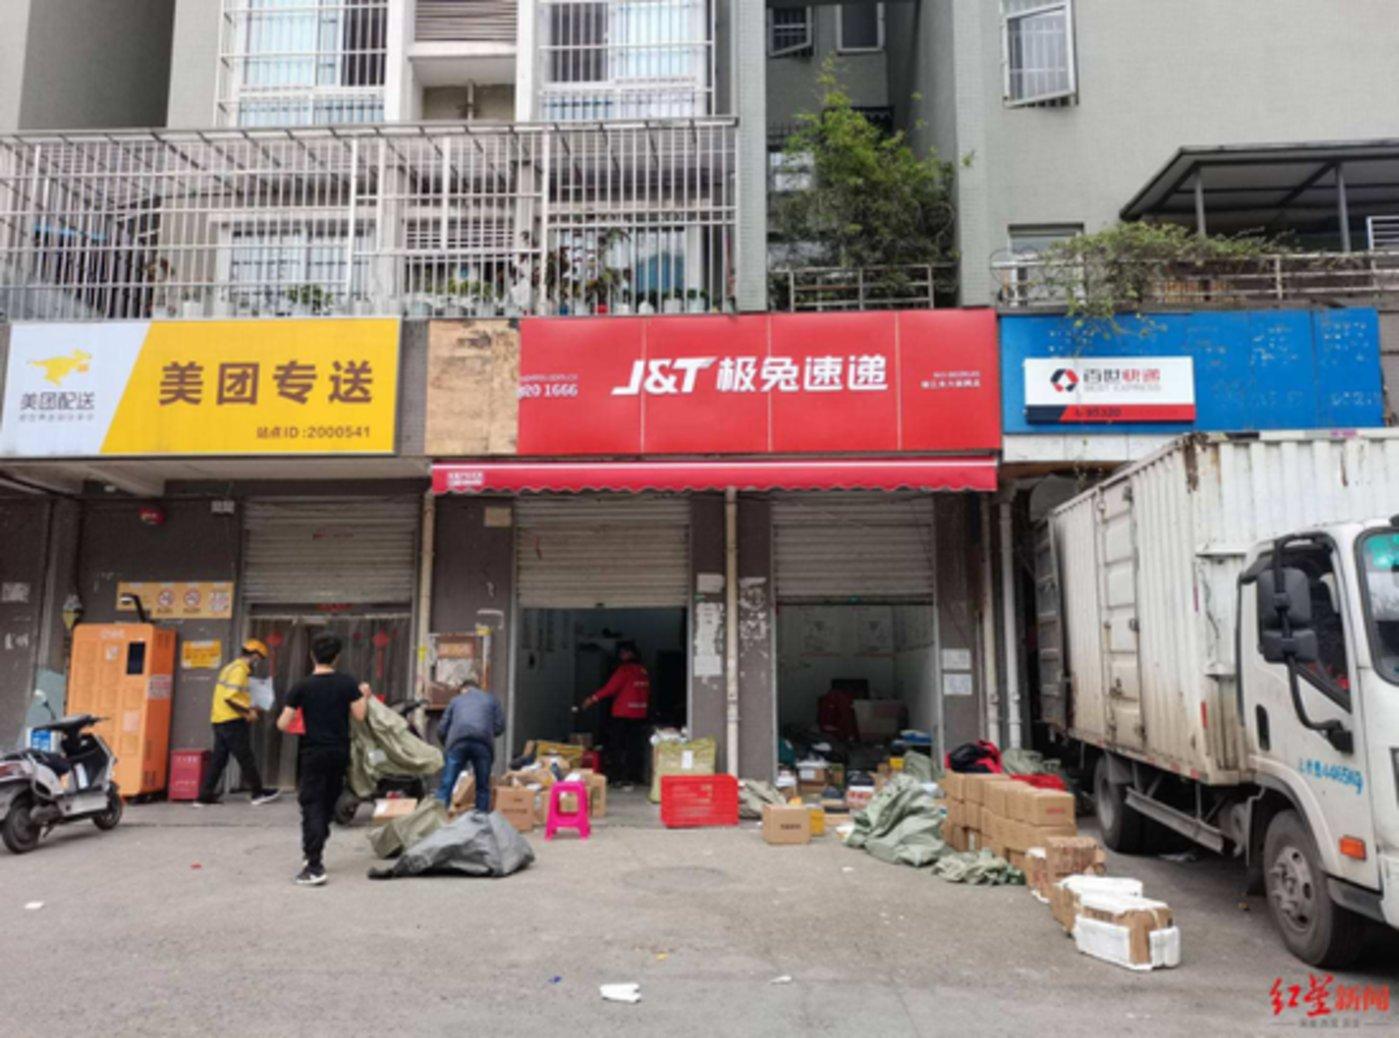 图片来源@红星新闻